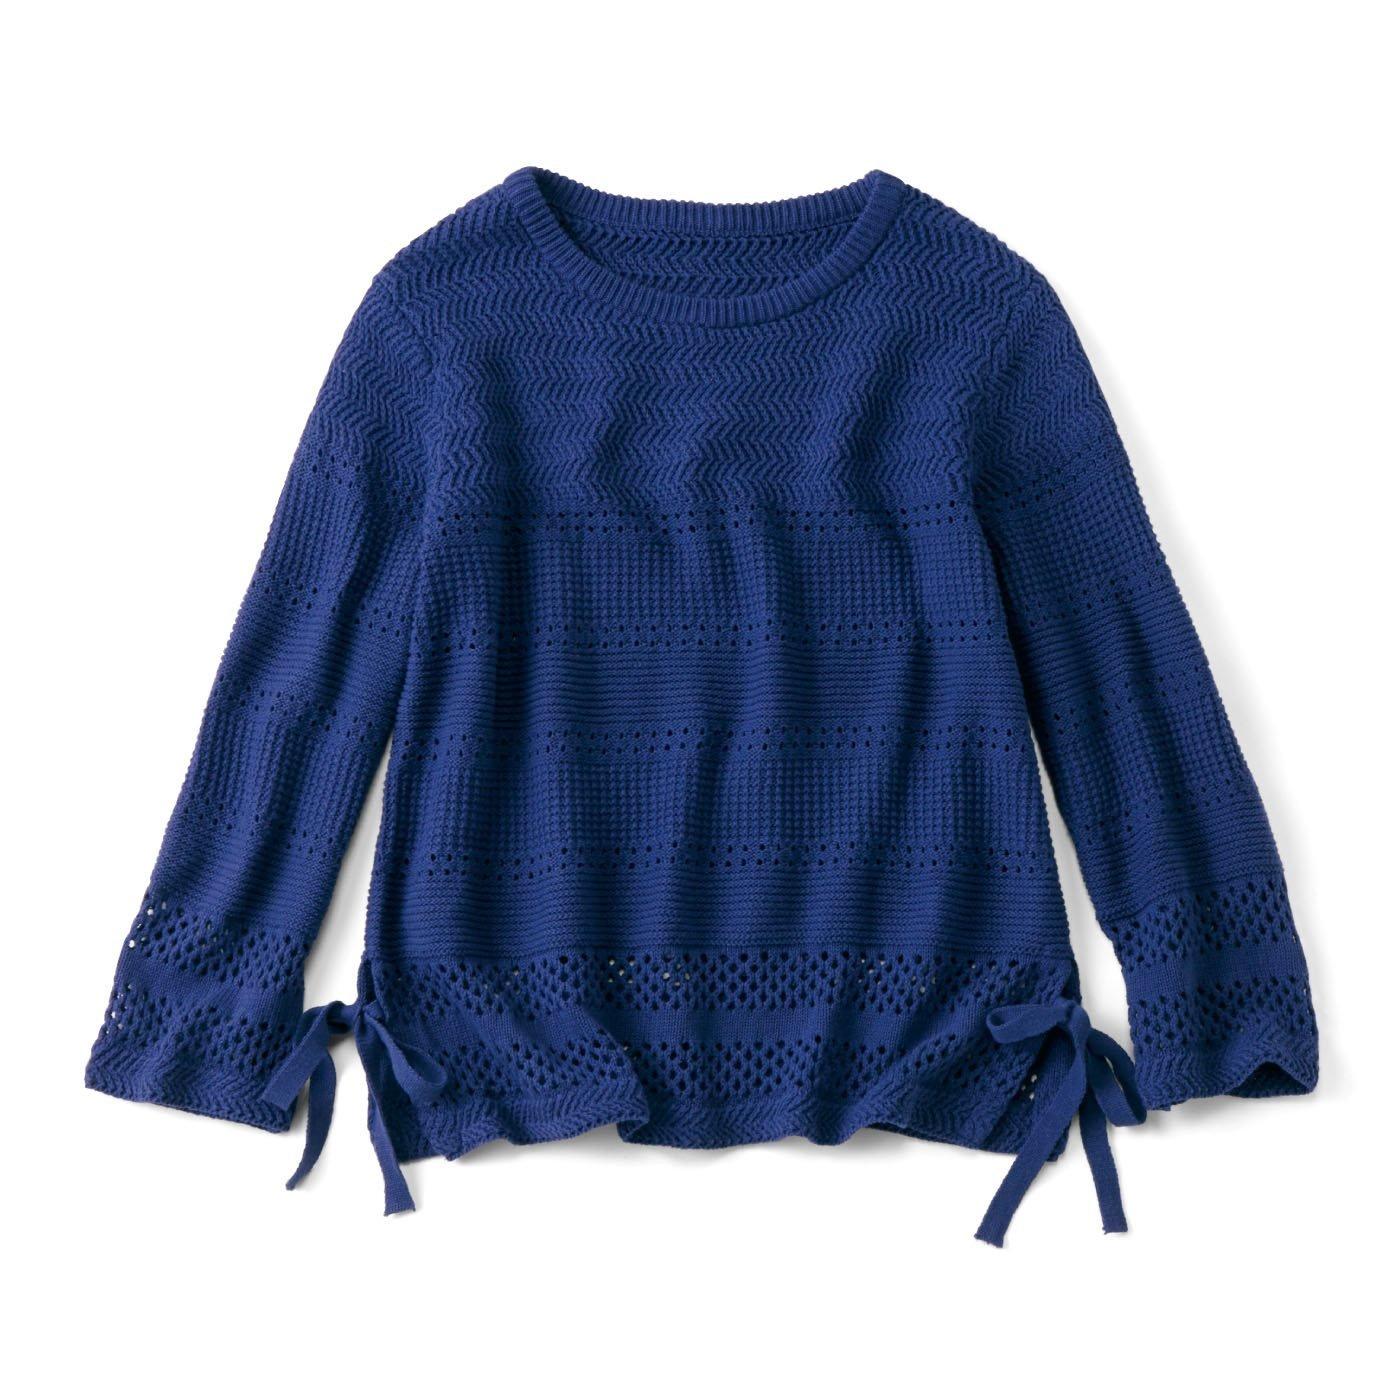 リブ イン コンフォート 心地よく華やぐ 透かし編みコットンニットトップス〈ネイビーブルー〉